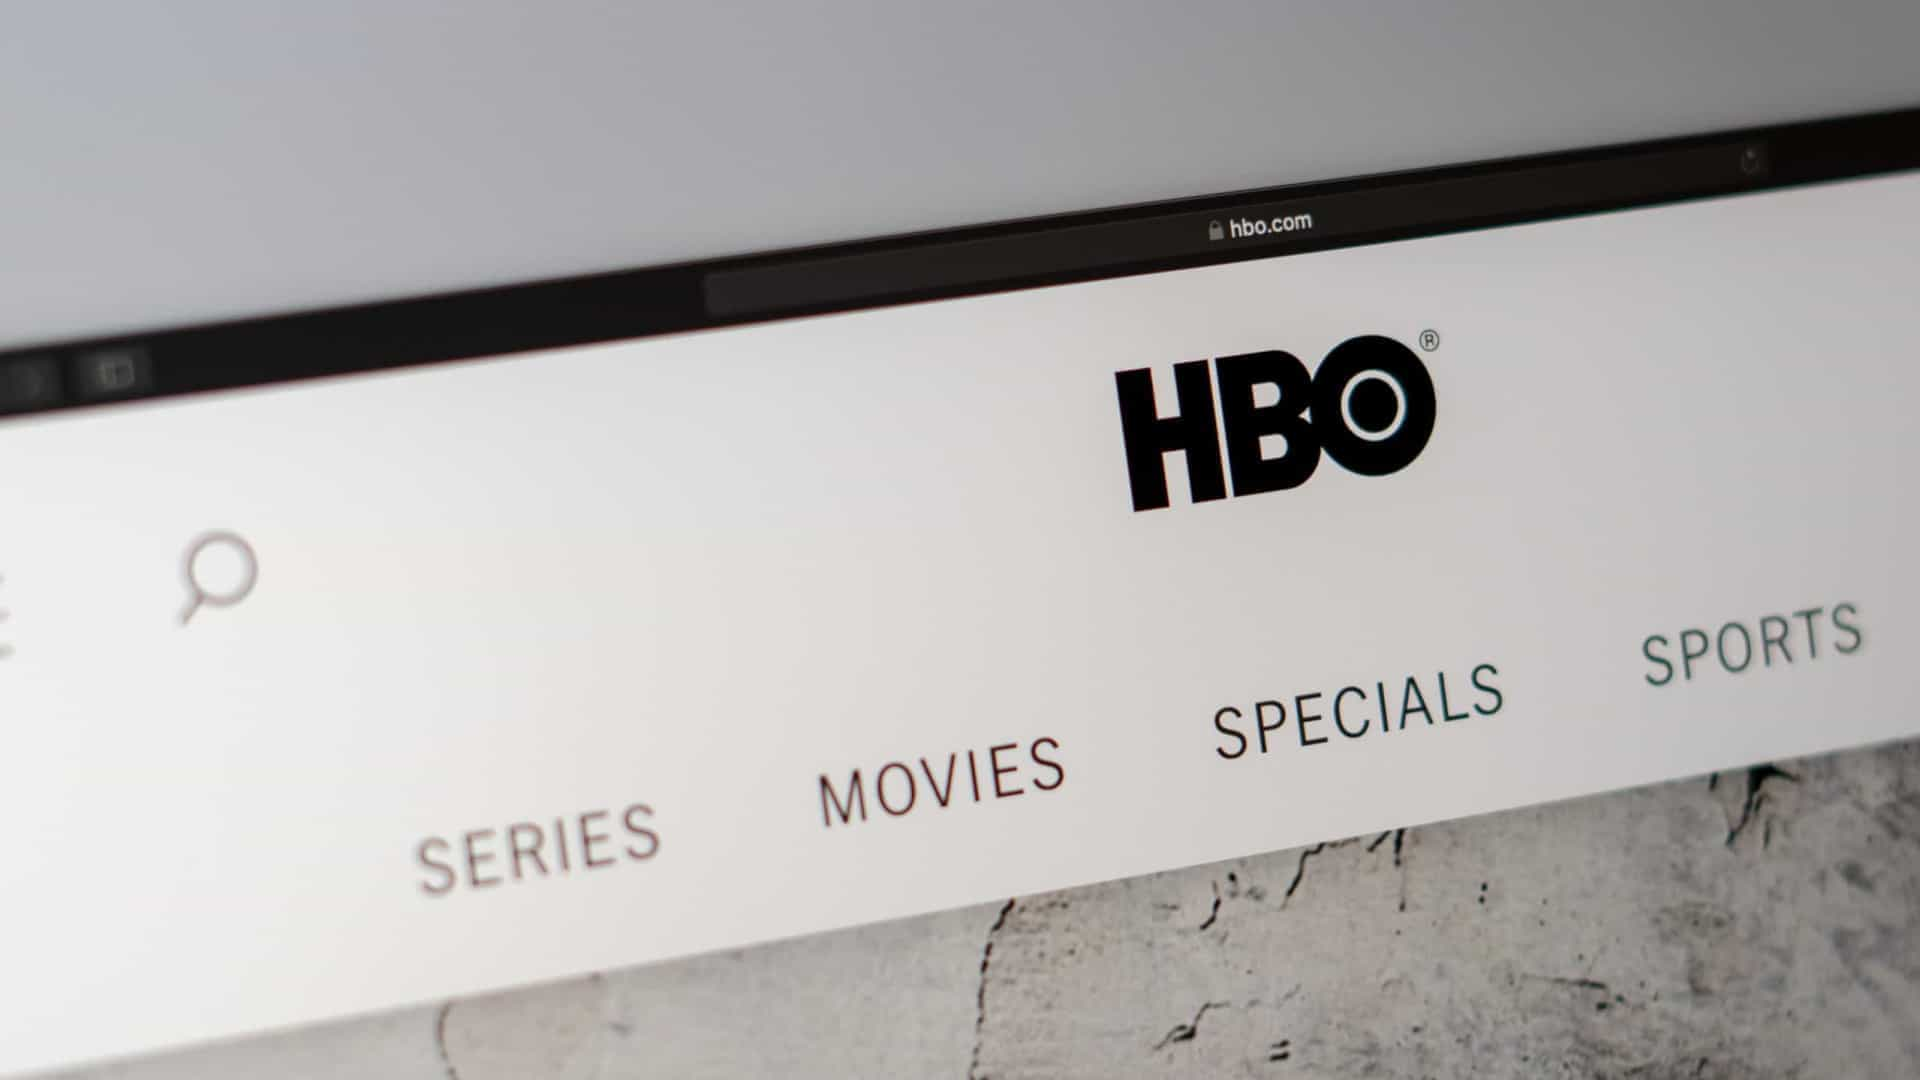 HBO confirma série inspirada no jogo 'The Last of Us'